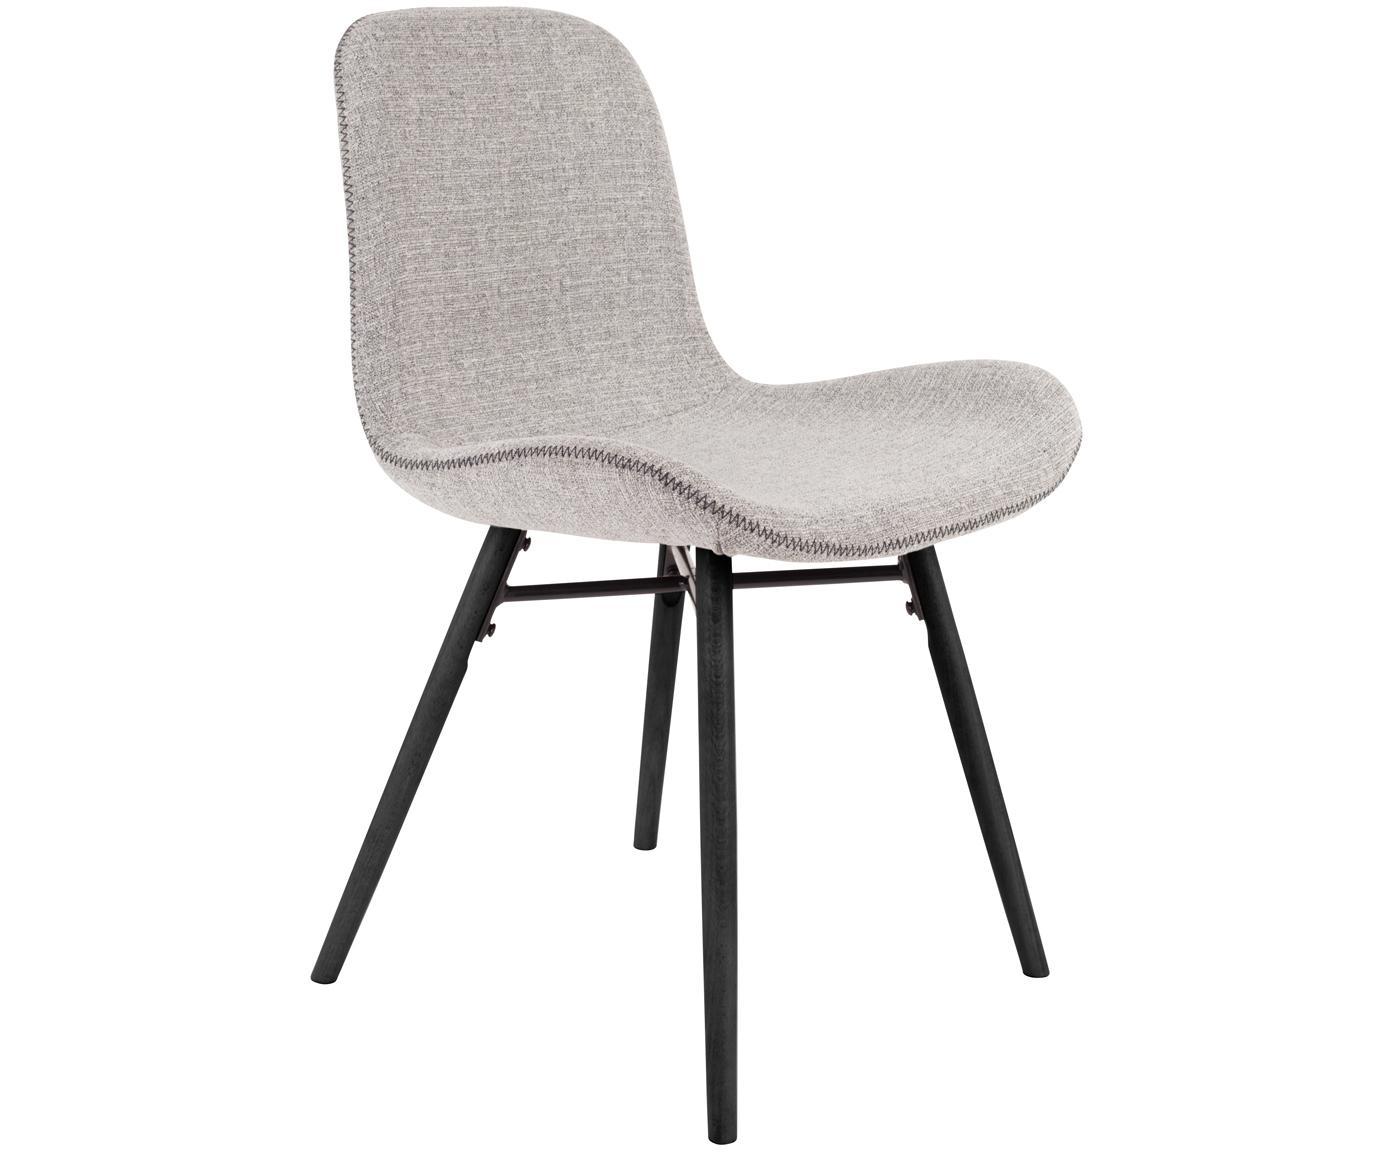 Krzesło tapicerowane Lester, 2 szt., Tapicerka: 100% poliester, Nogi: drewno bukowe, lakierowan, Tapicerka: pianka poliuretanowa, Tapicerka: jasny szary Nogi: czarny, S 50 x W 81 cm